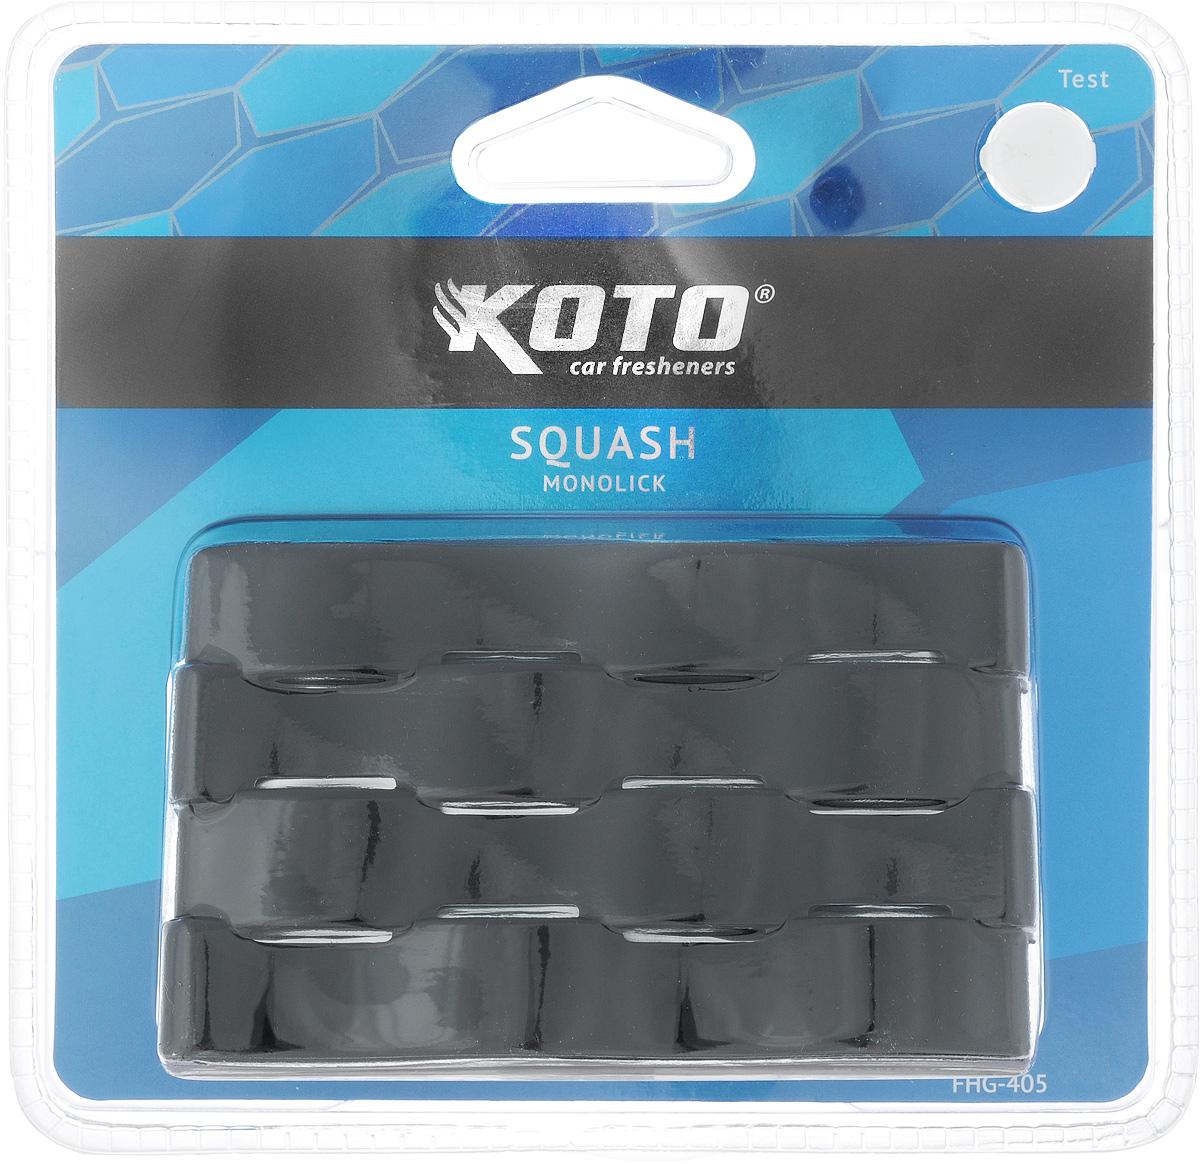 Ароматизатор автомобильный Koto Monolick. Squash, гелевый, 90 гCA-3505Автомобильный ароматизатор Koto Monolick. Squash эффективно устраняет неприятные запахи и придает приятный аромат. Сочетание геля с парфюмами наилучшего качества обеспечивает устойчивый запах. Кроме того, ароматизатор обладает элегантным дизайном. Благодаря специальной конструкции, изделие крепится на горизонтальную поверхность.